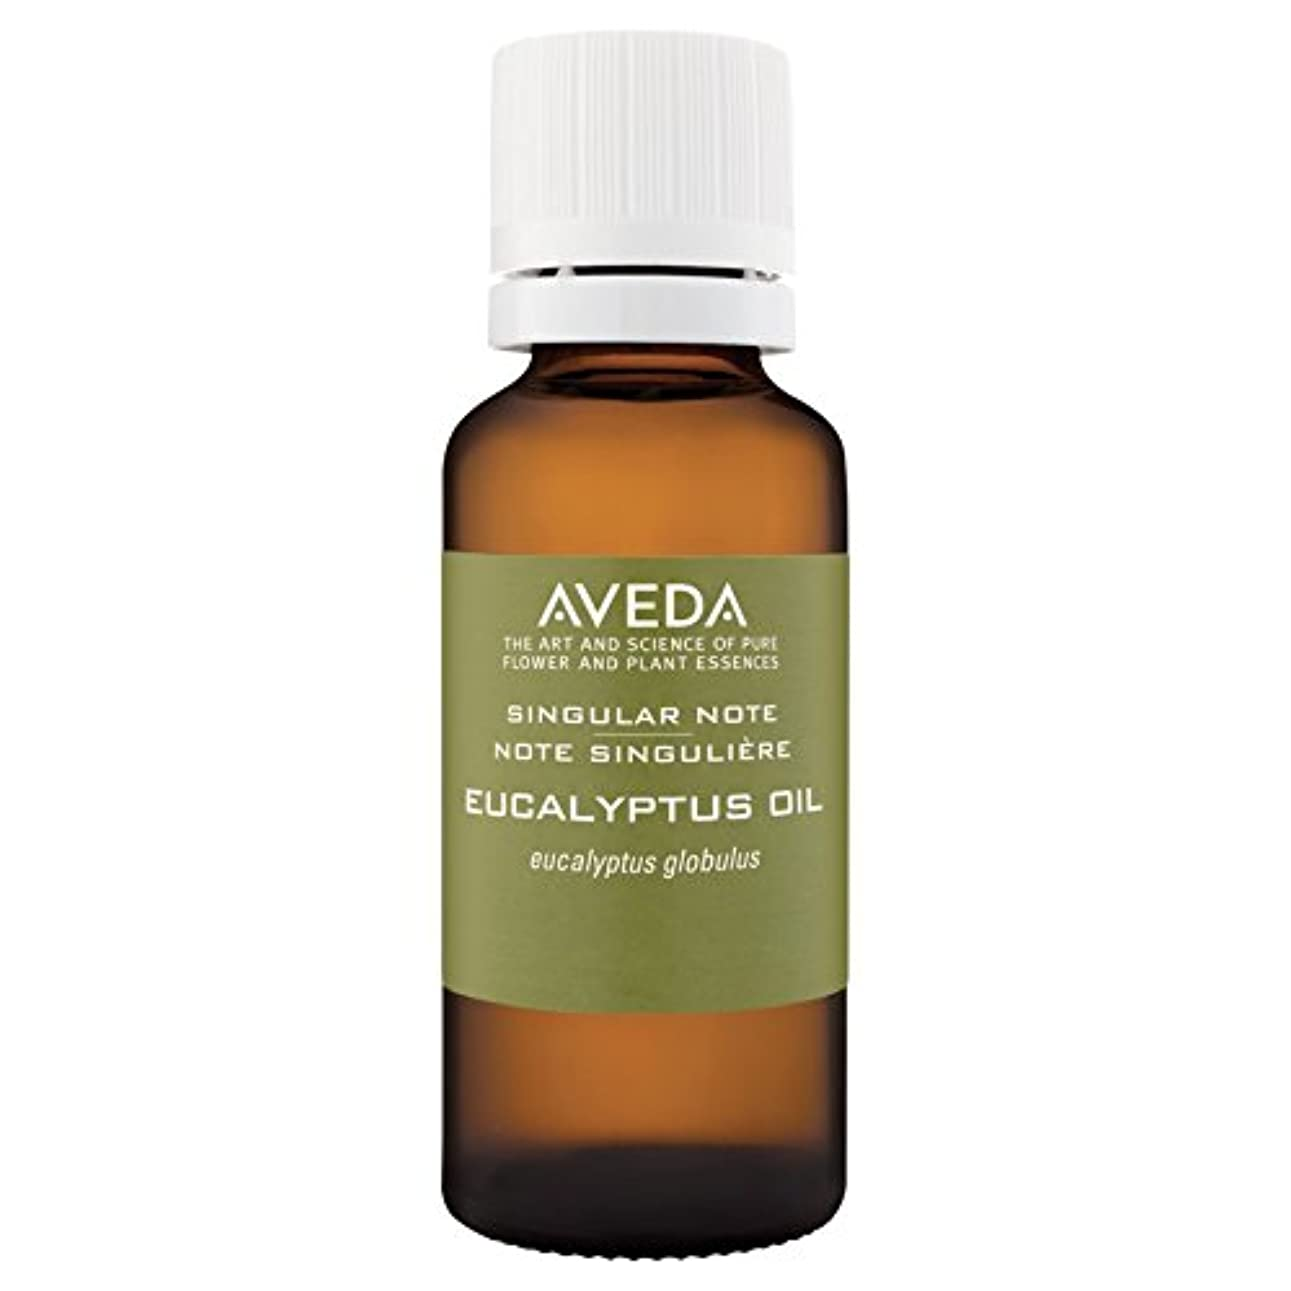 論理的に汚れた温かい[AVEDA] アヴェダ特異ノートユーカリオイル30ミリリットル - Aveda Singular Notes Eucalyptus Oil 30ml [並行輸入品]